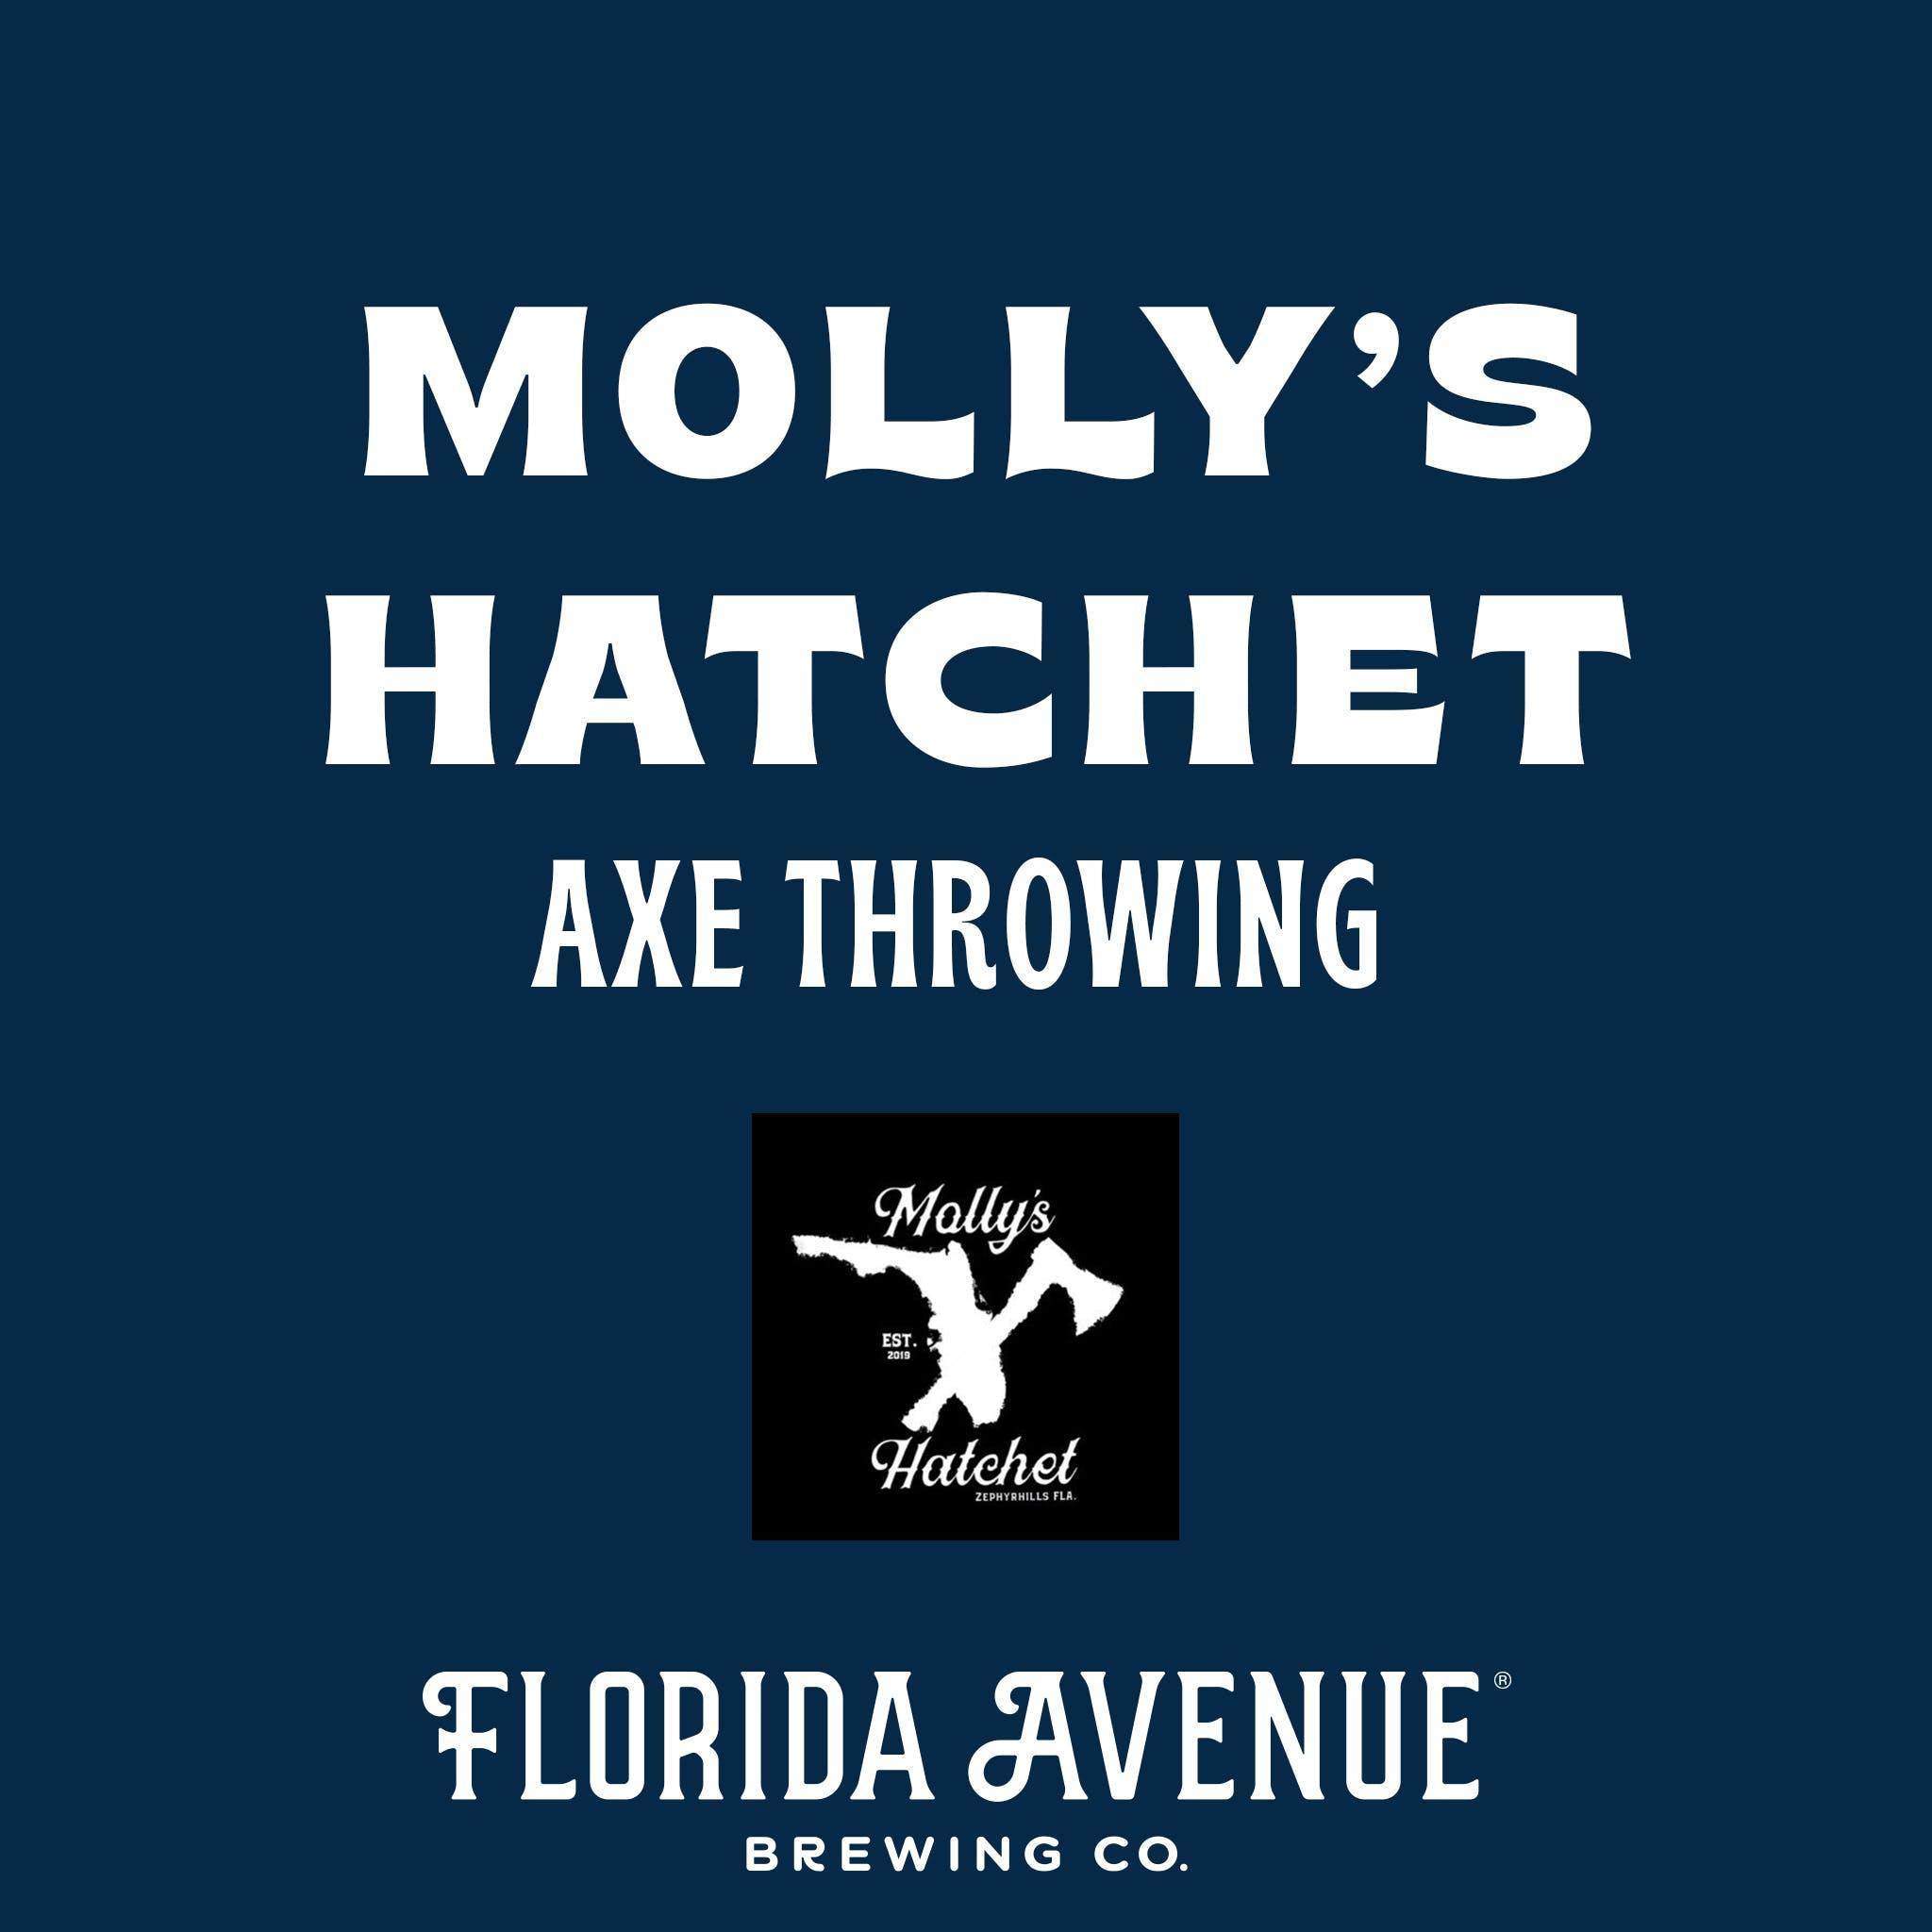 mollys hatchet